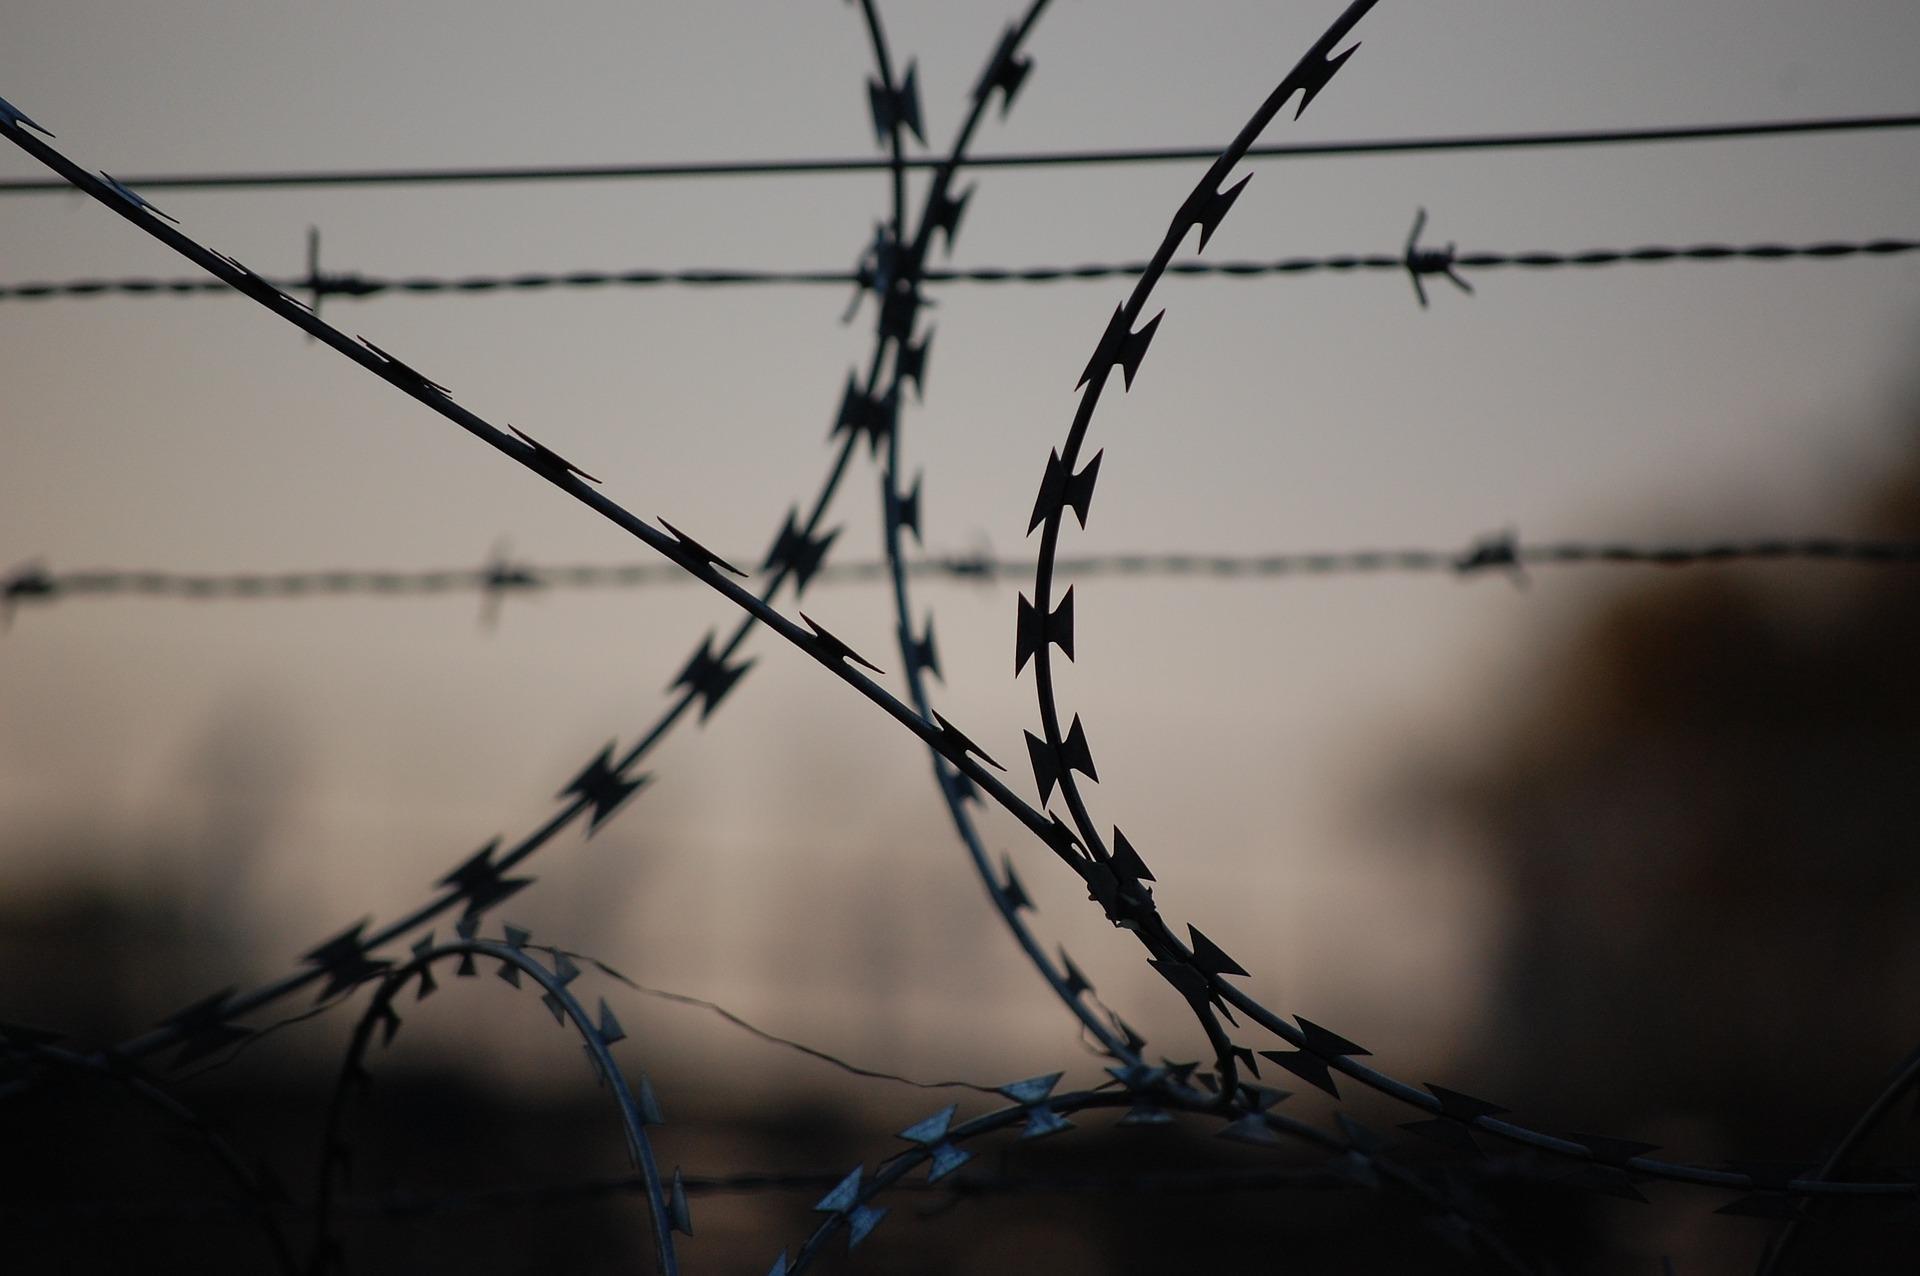 Прокуратура Калифорнии рекомендовала приговорить россиянина Никулина к 12 годам тюрьмы